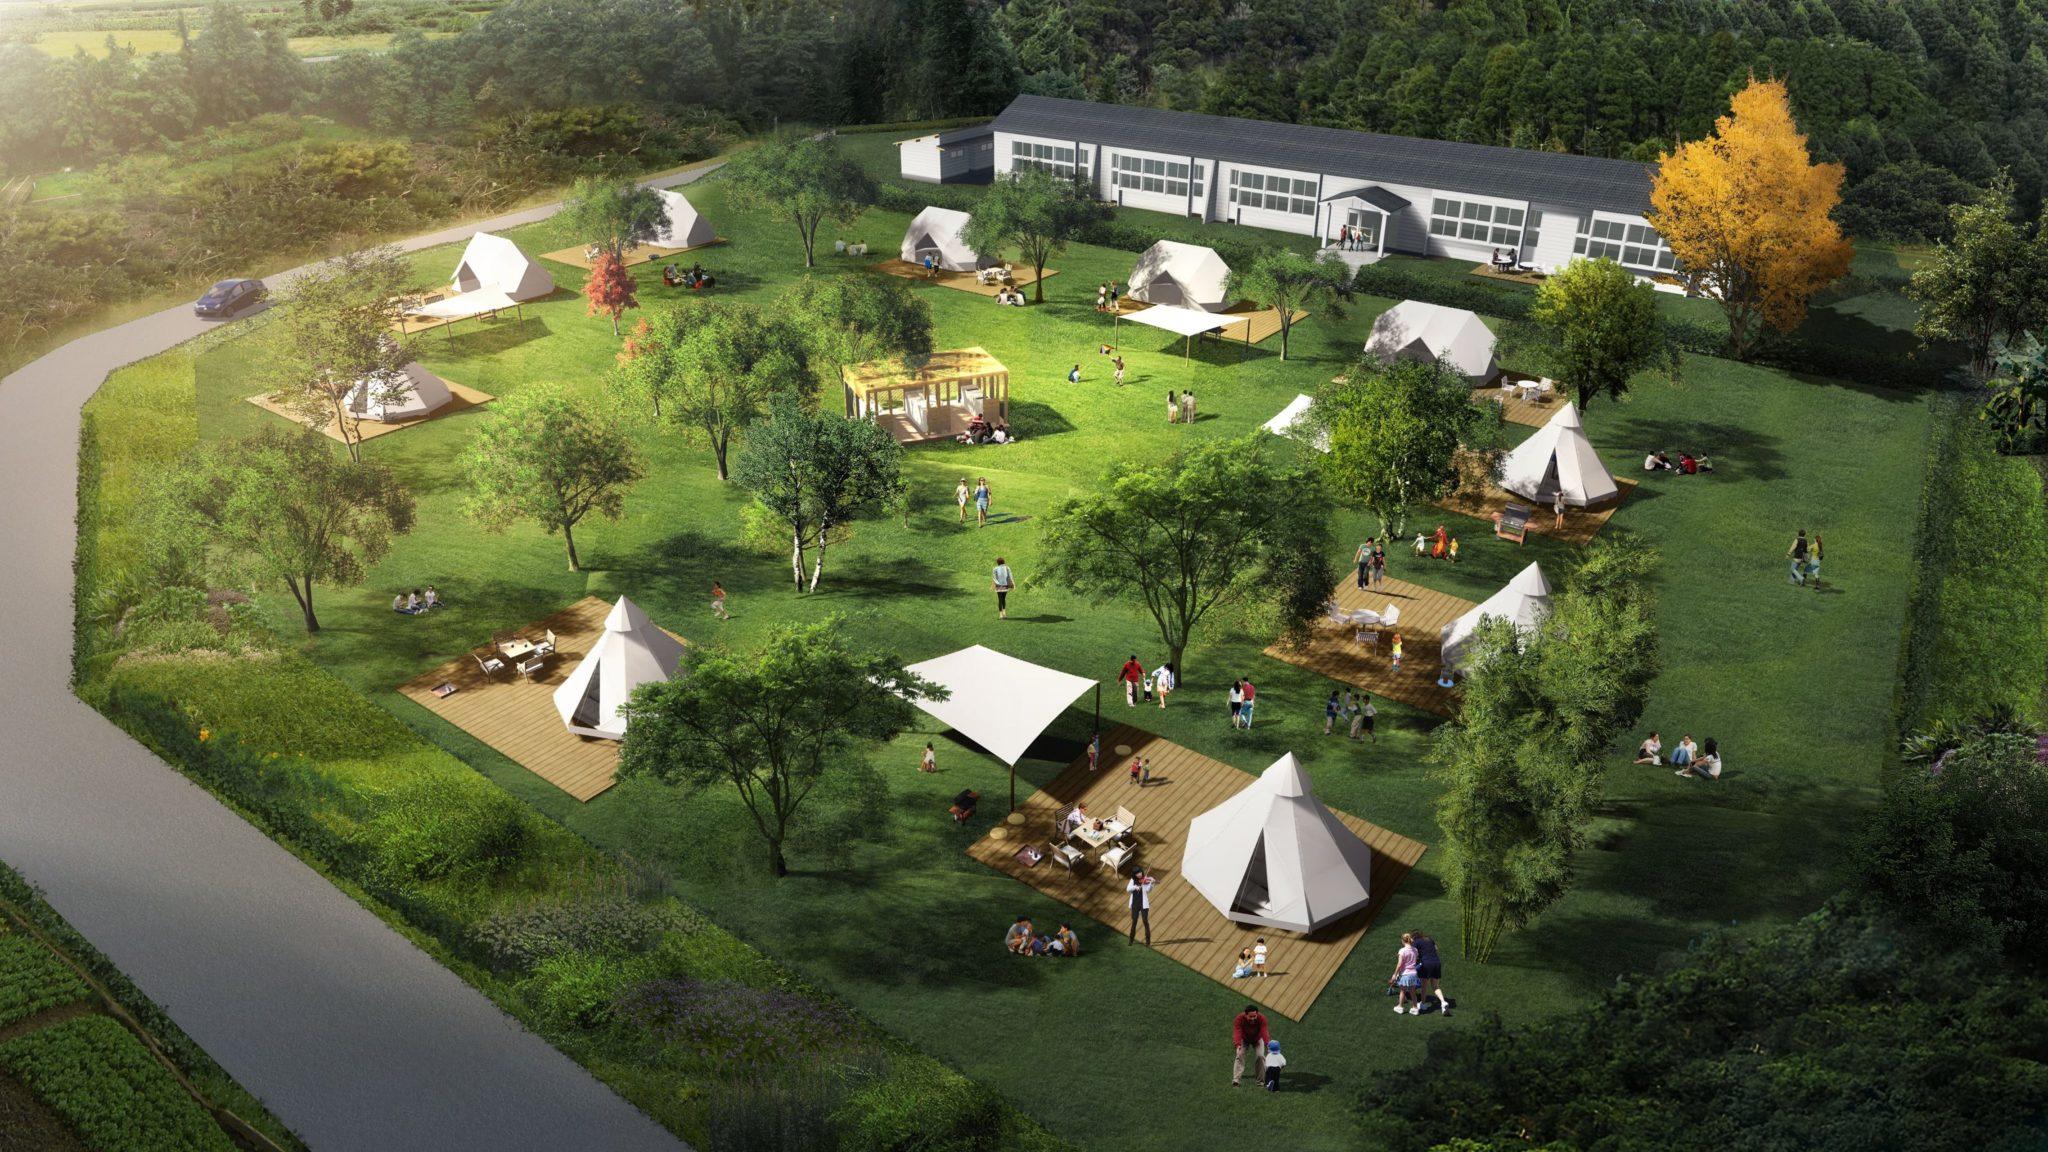 ฟูจิตะคันโกะเปิดตัว Nordisk Village ครั้งแรกที่หมู่เกาะโกโตะ ประเทศญี่ปุ่น